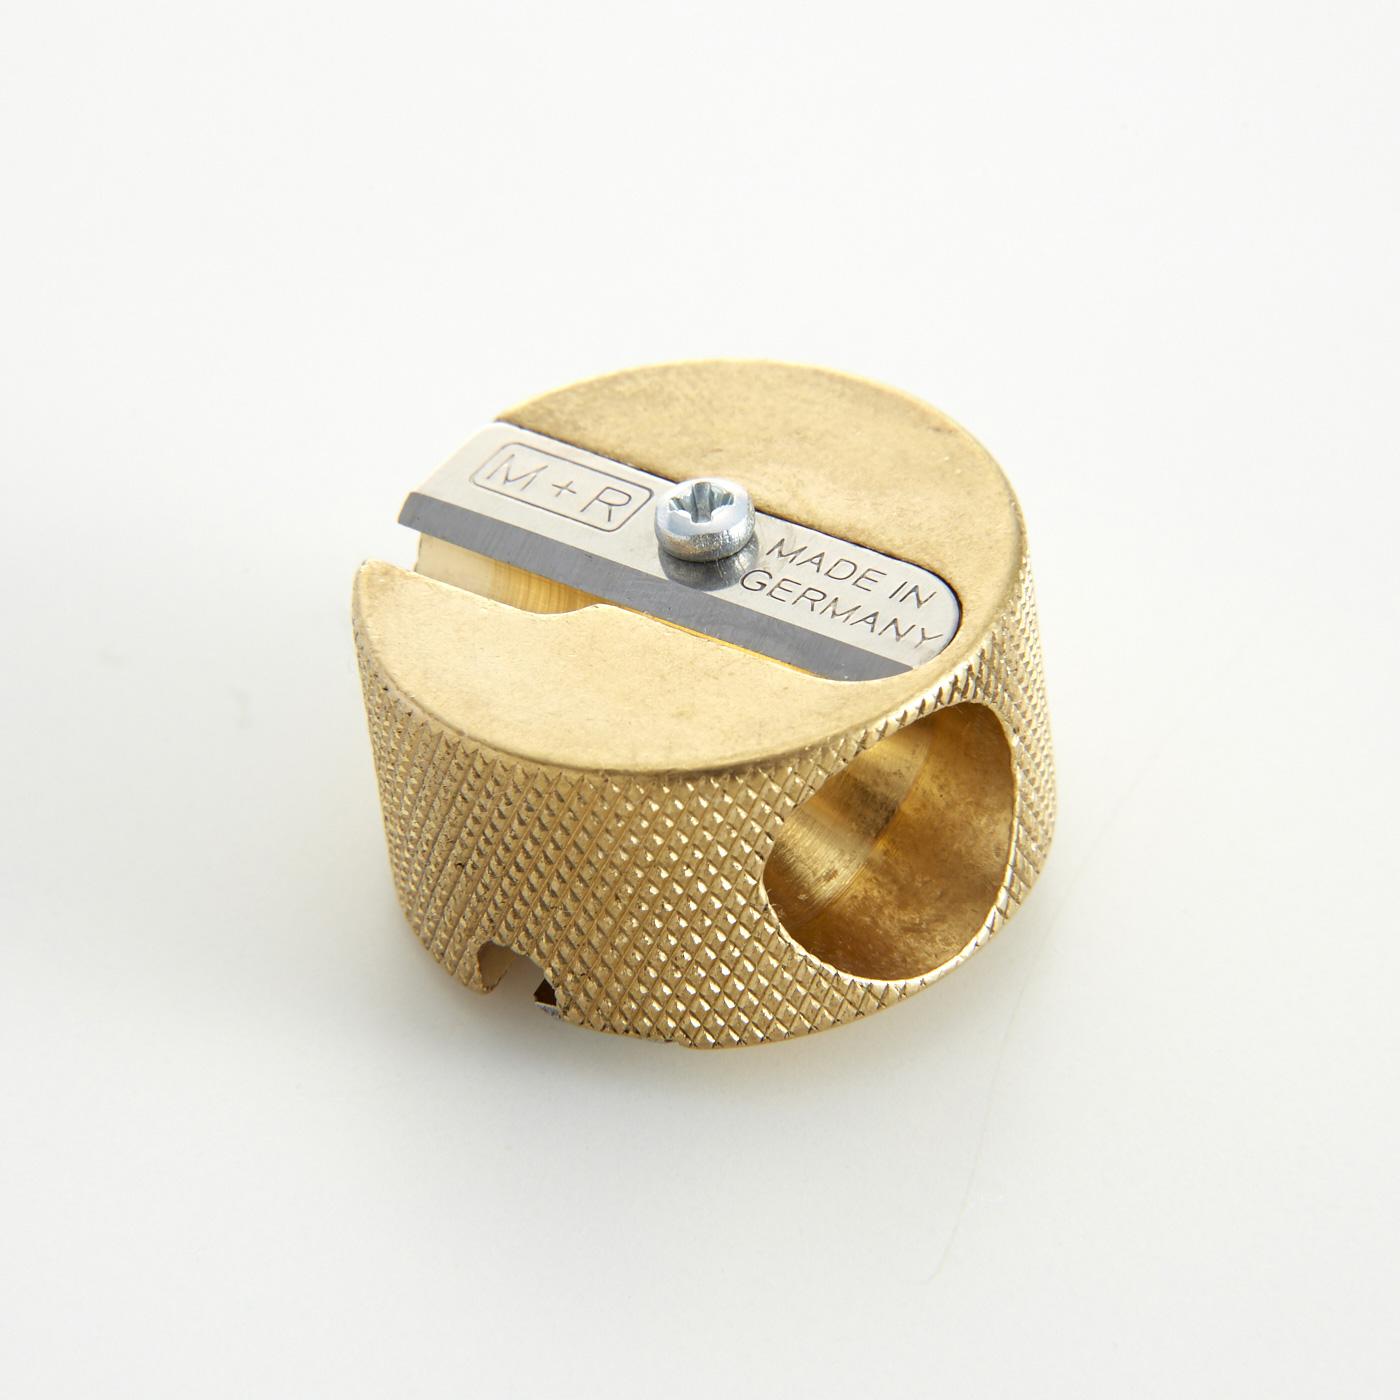 大きい穴(11㎜)では500色の色鉛筆のような太いえんぴつ、小さい穴(約8mm)では一般的な太さのえんぴつを削ることができます。